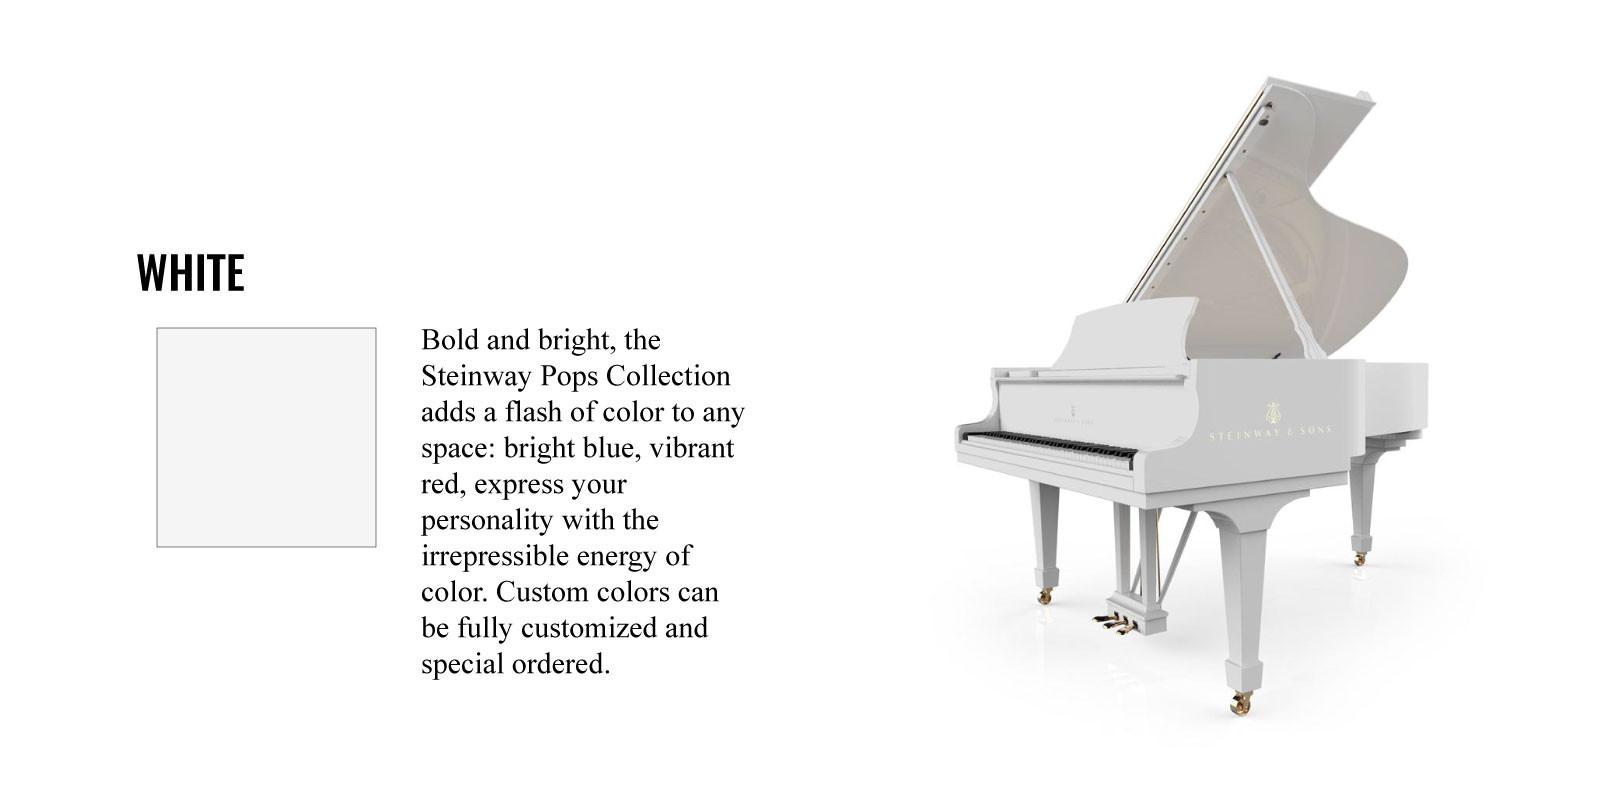 PP-Steinway-Custom-Color-Slideshow-9.jpg